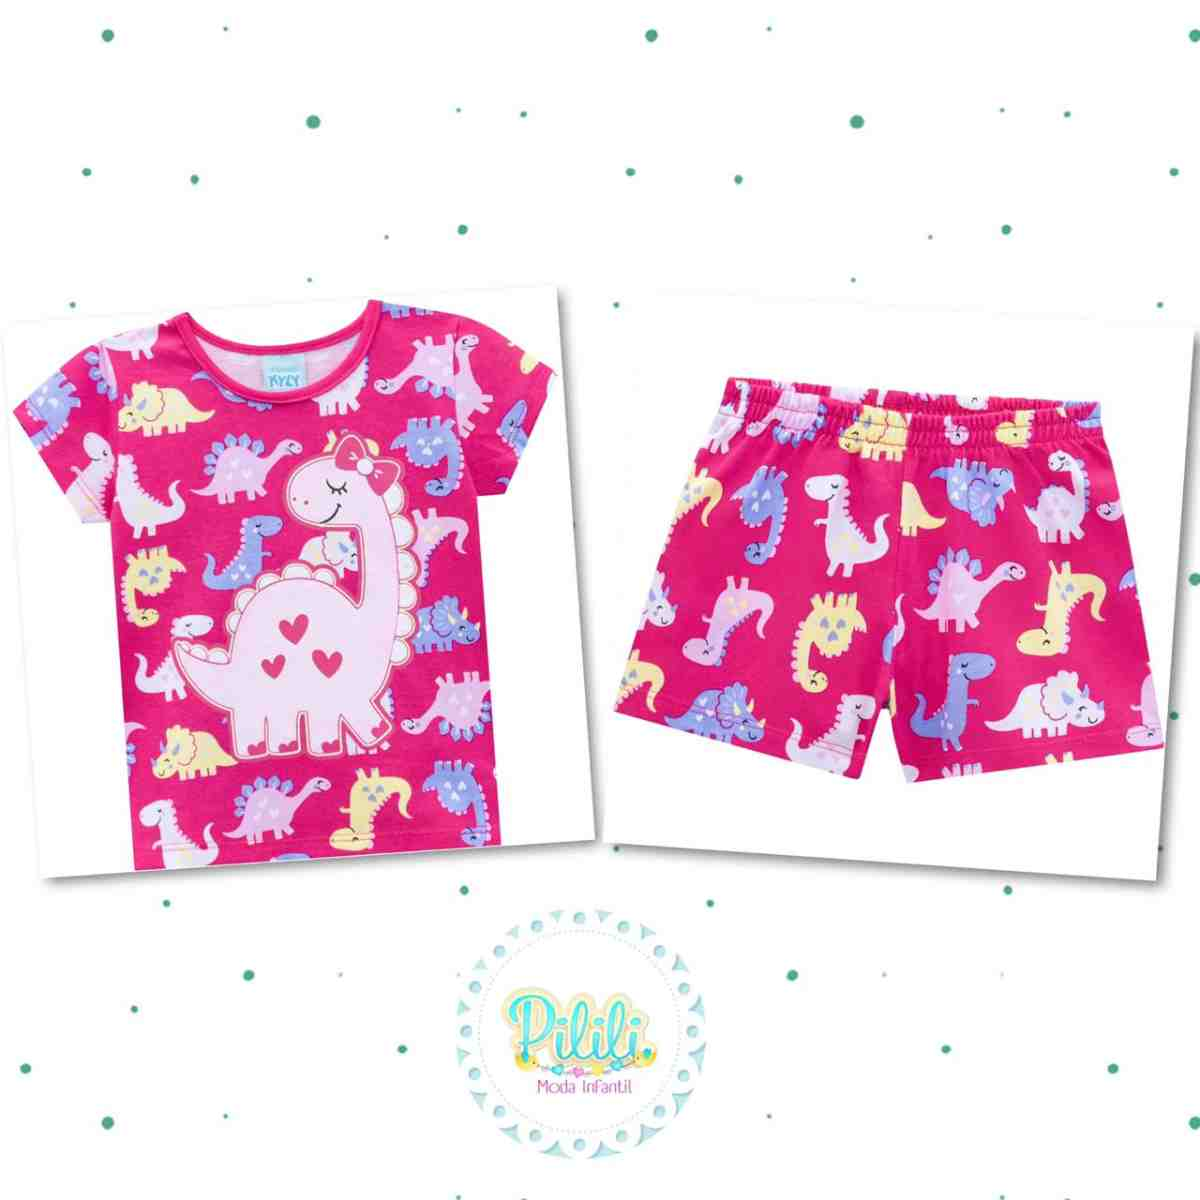 Pijama Menina Kyly em Algodão com Estampa que Brilha no Escuro